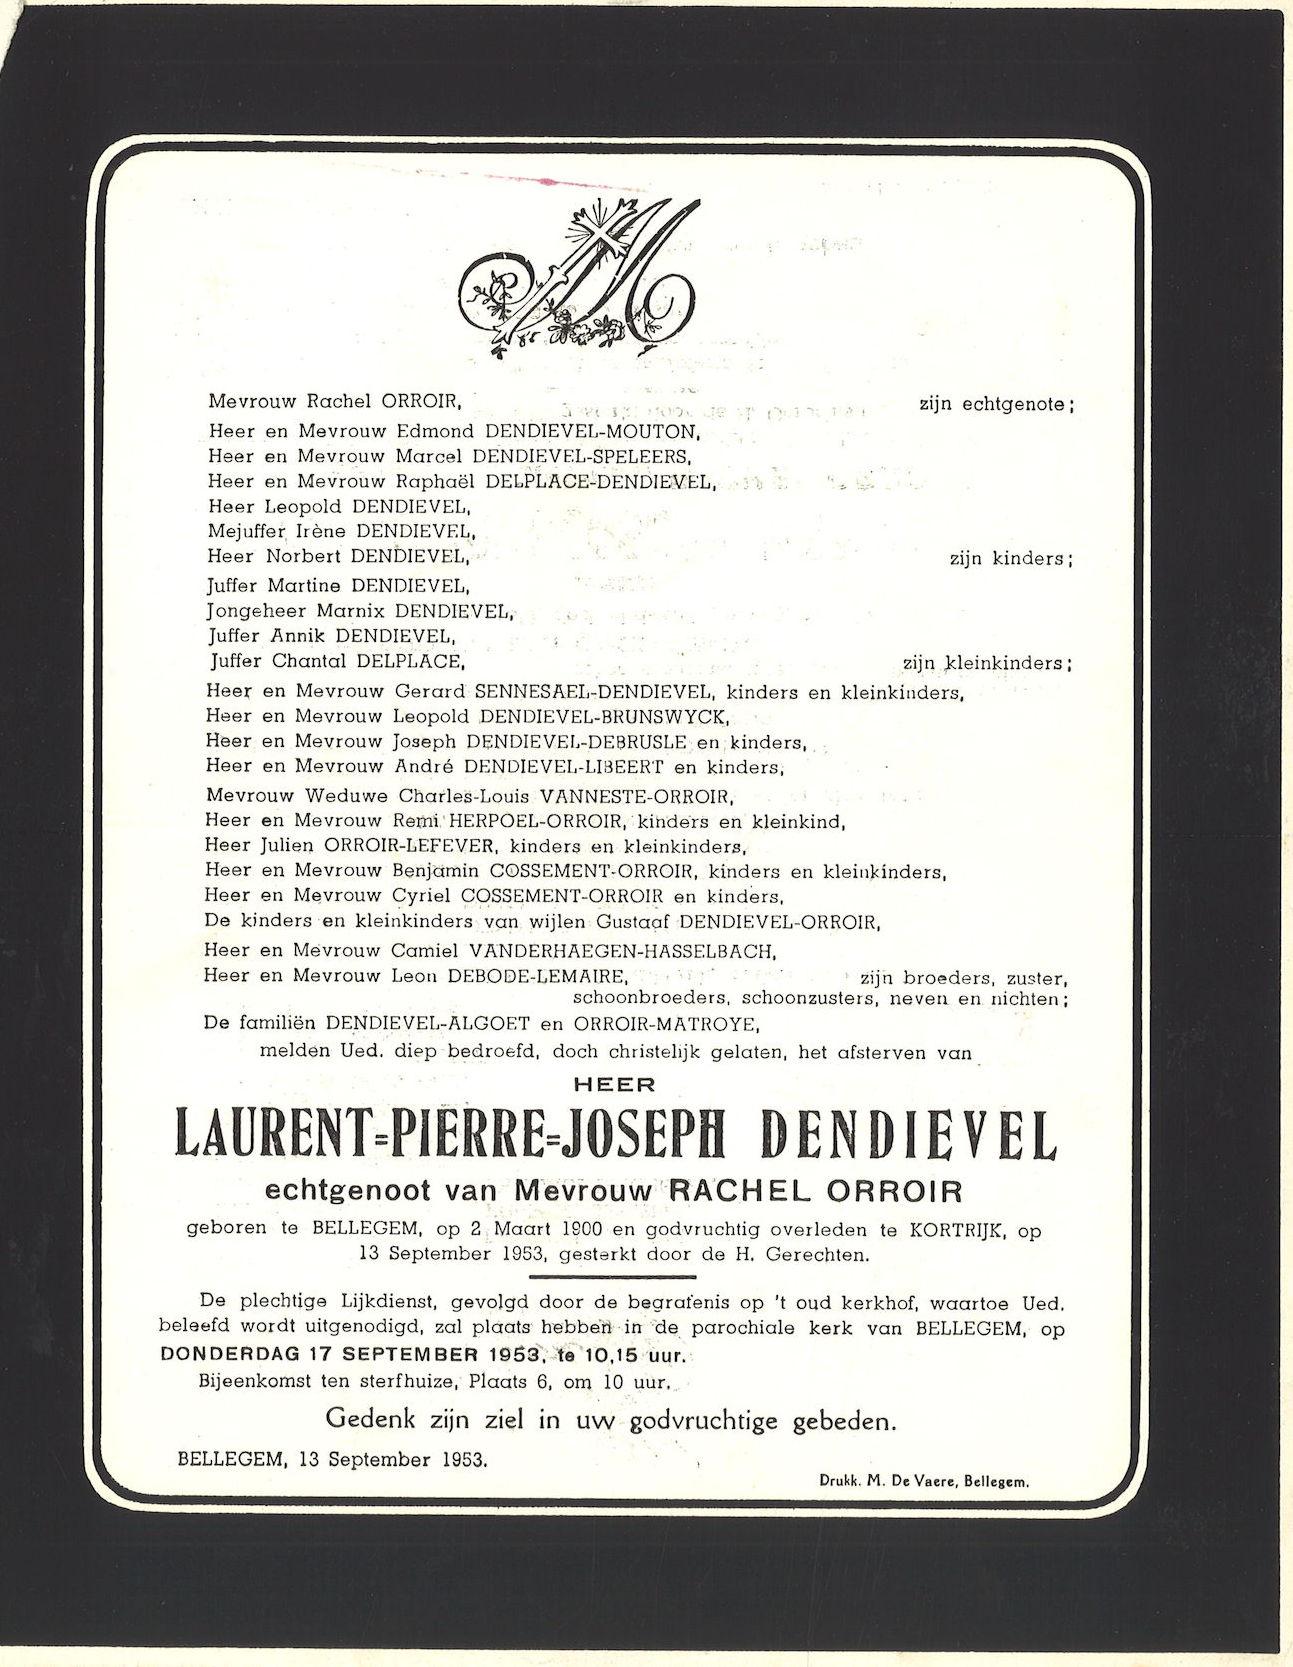 Dendievel Laurent-Pierre-Joseph